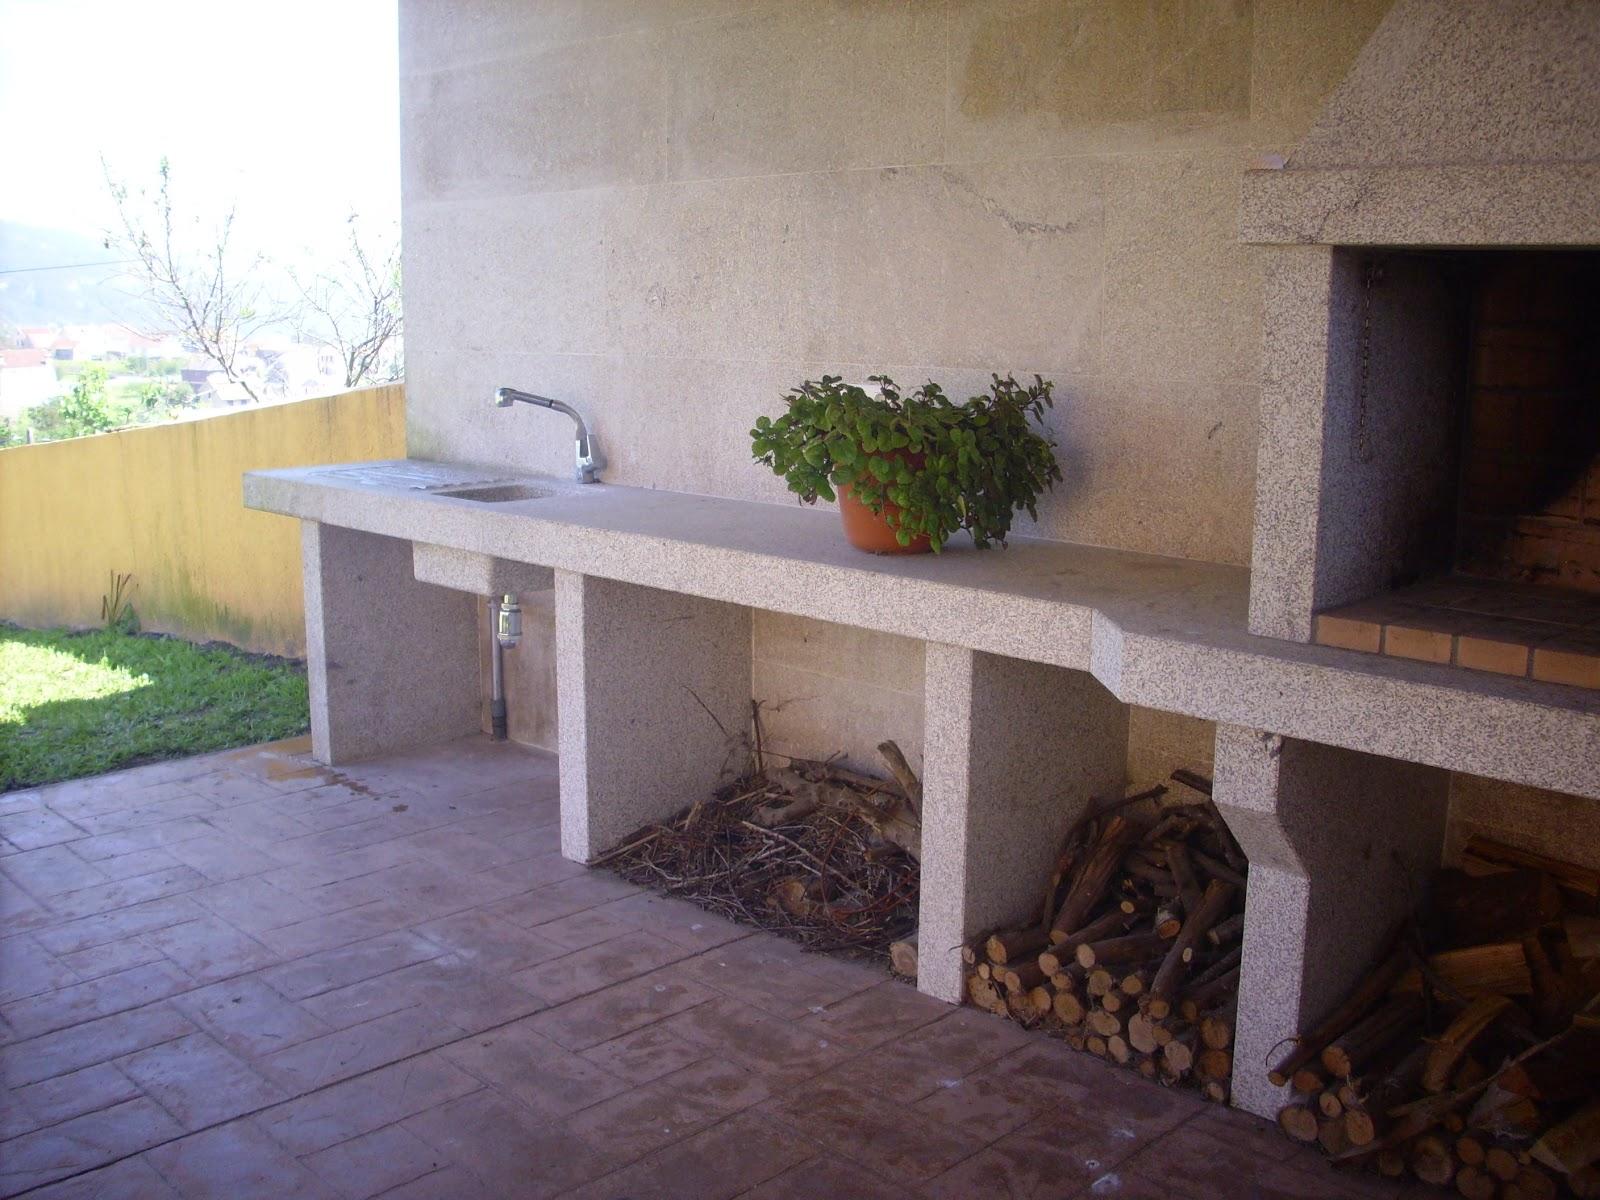 Caeiroc canteria asadores barbacoas lareiras chimeneas - Chimeneas con piedra ...